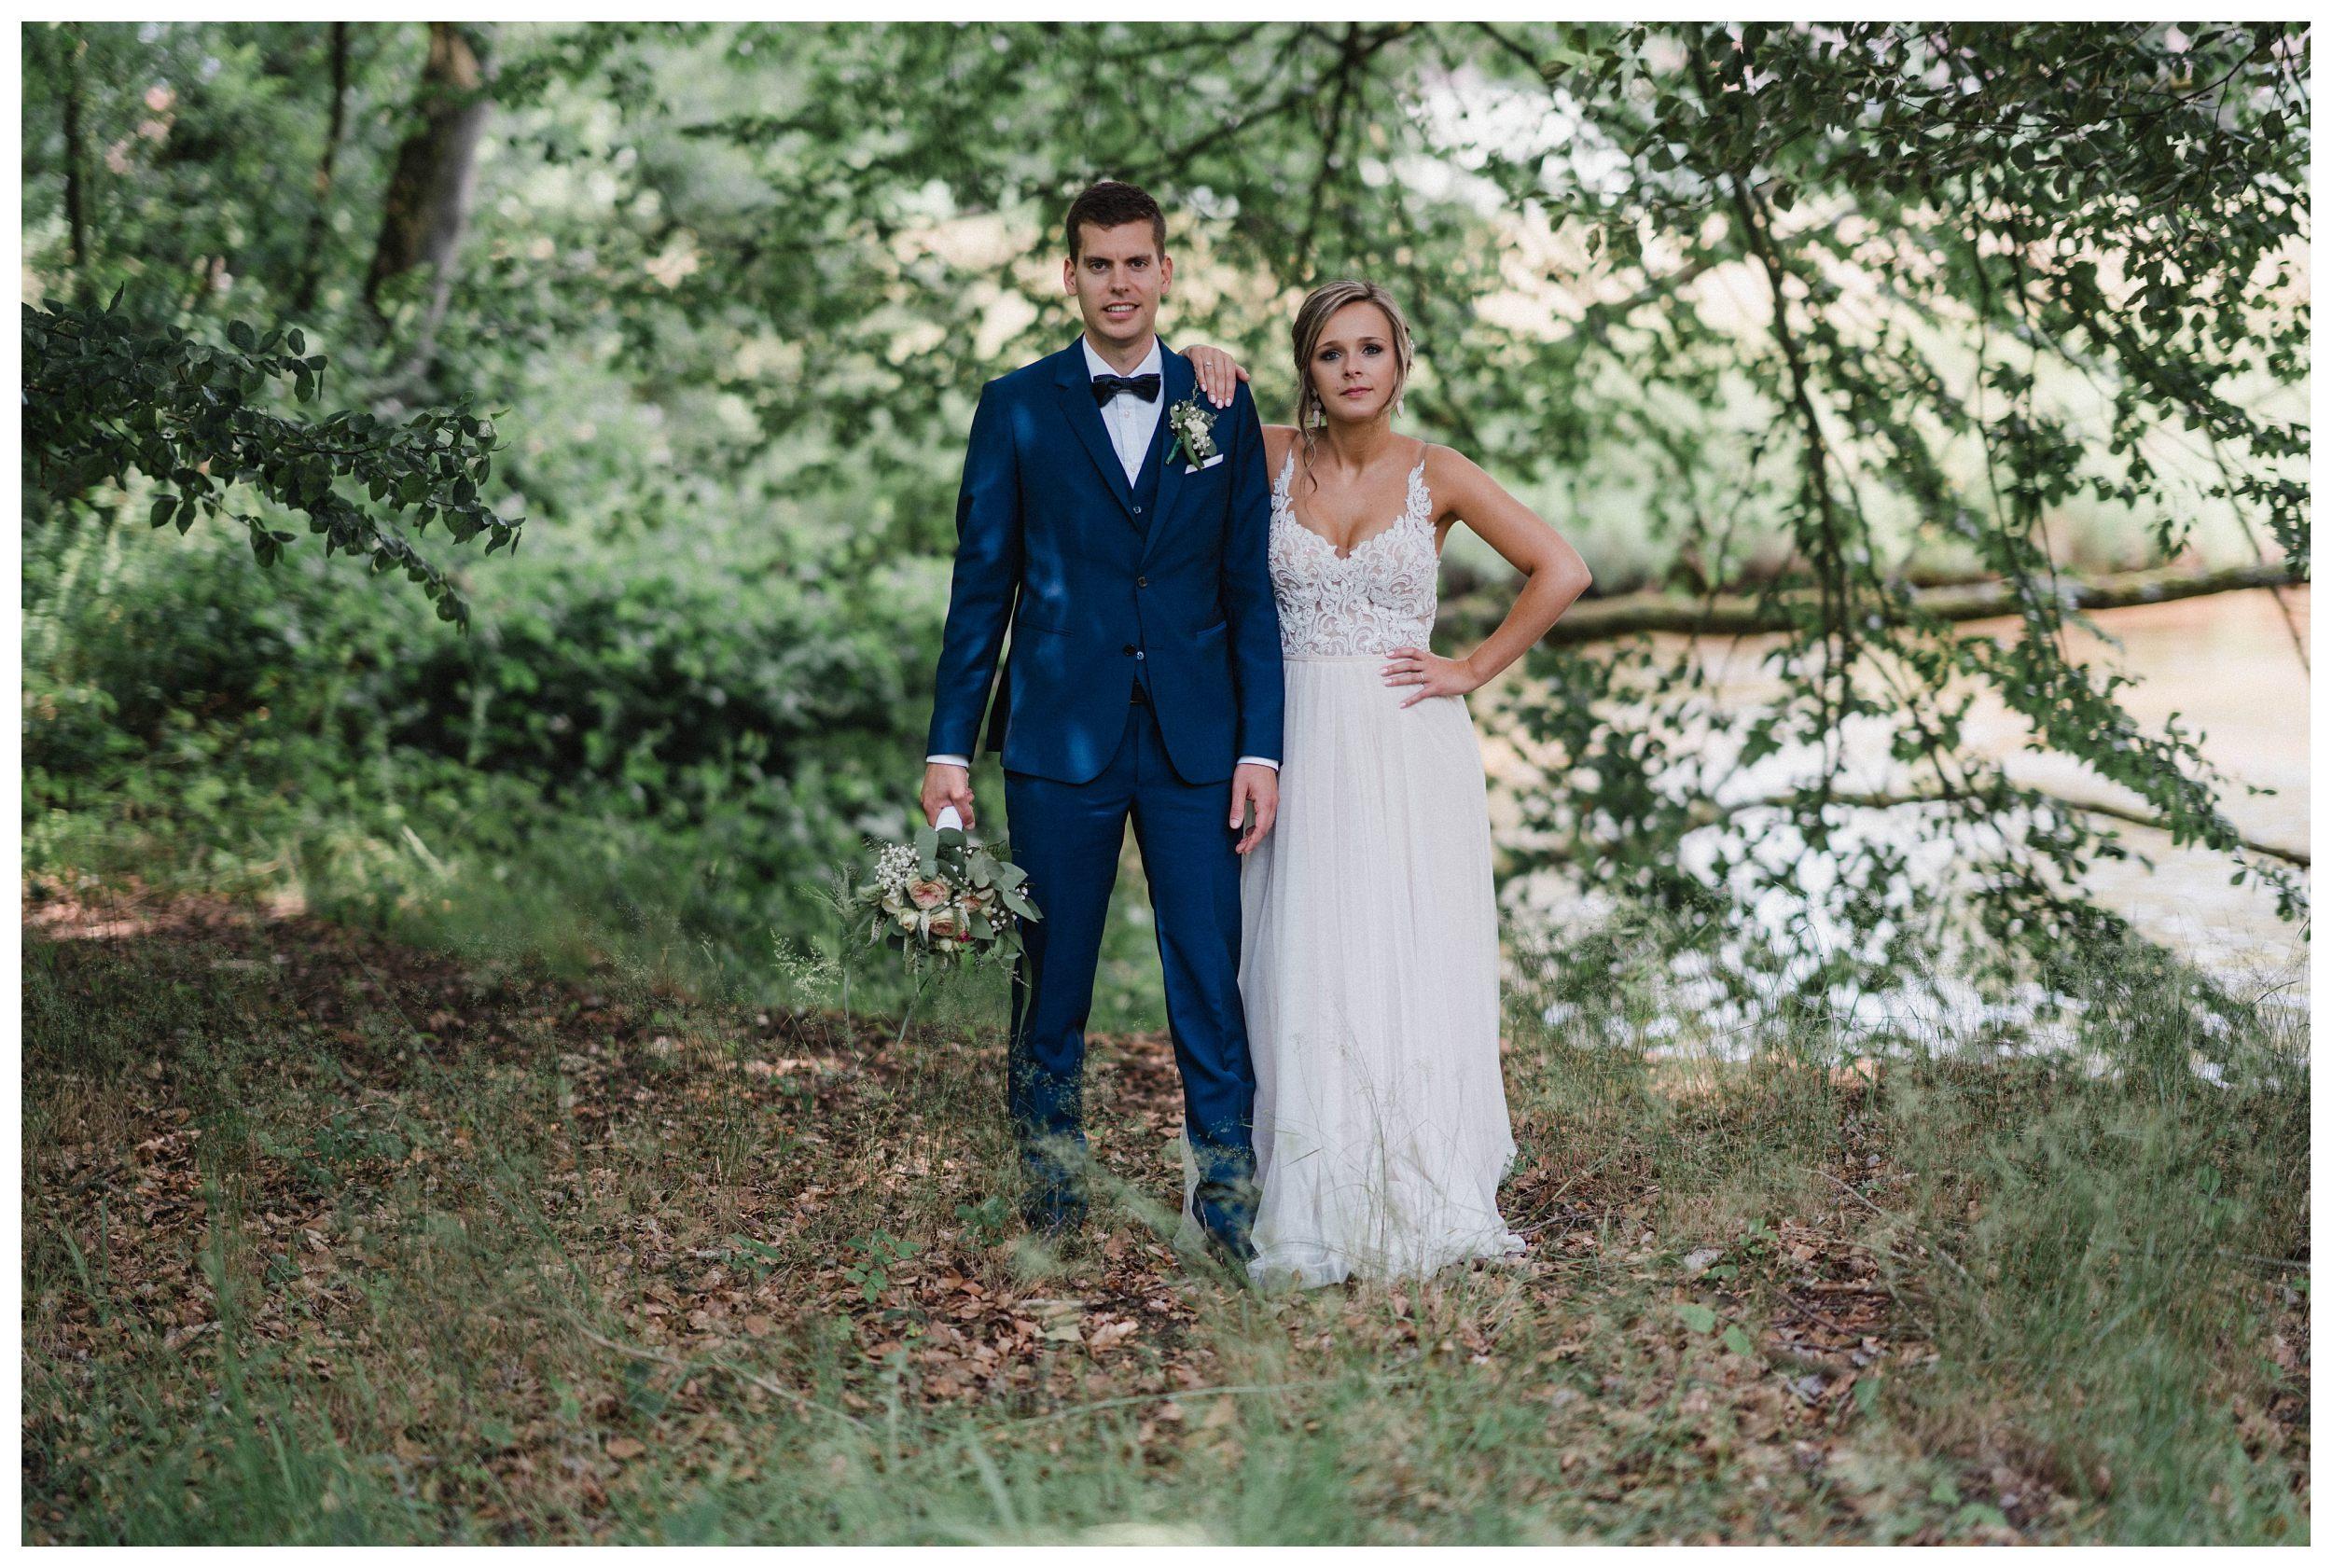 huwelijksfotograaf bruidsfotograaf destinationwedding huwelijksfotografie in mol oostham (45).jpg